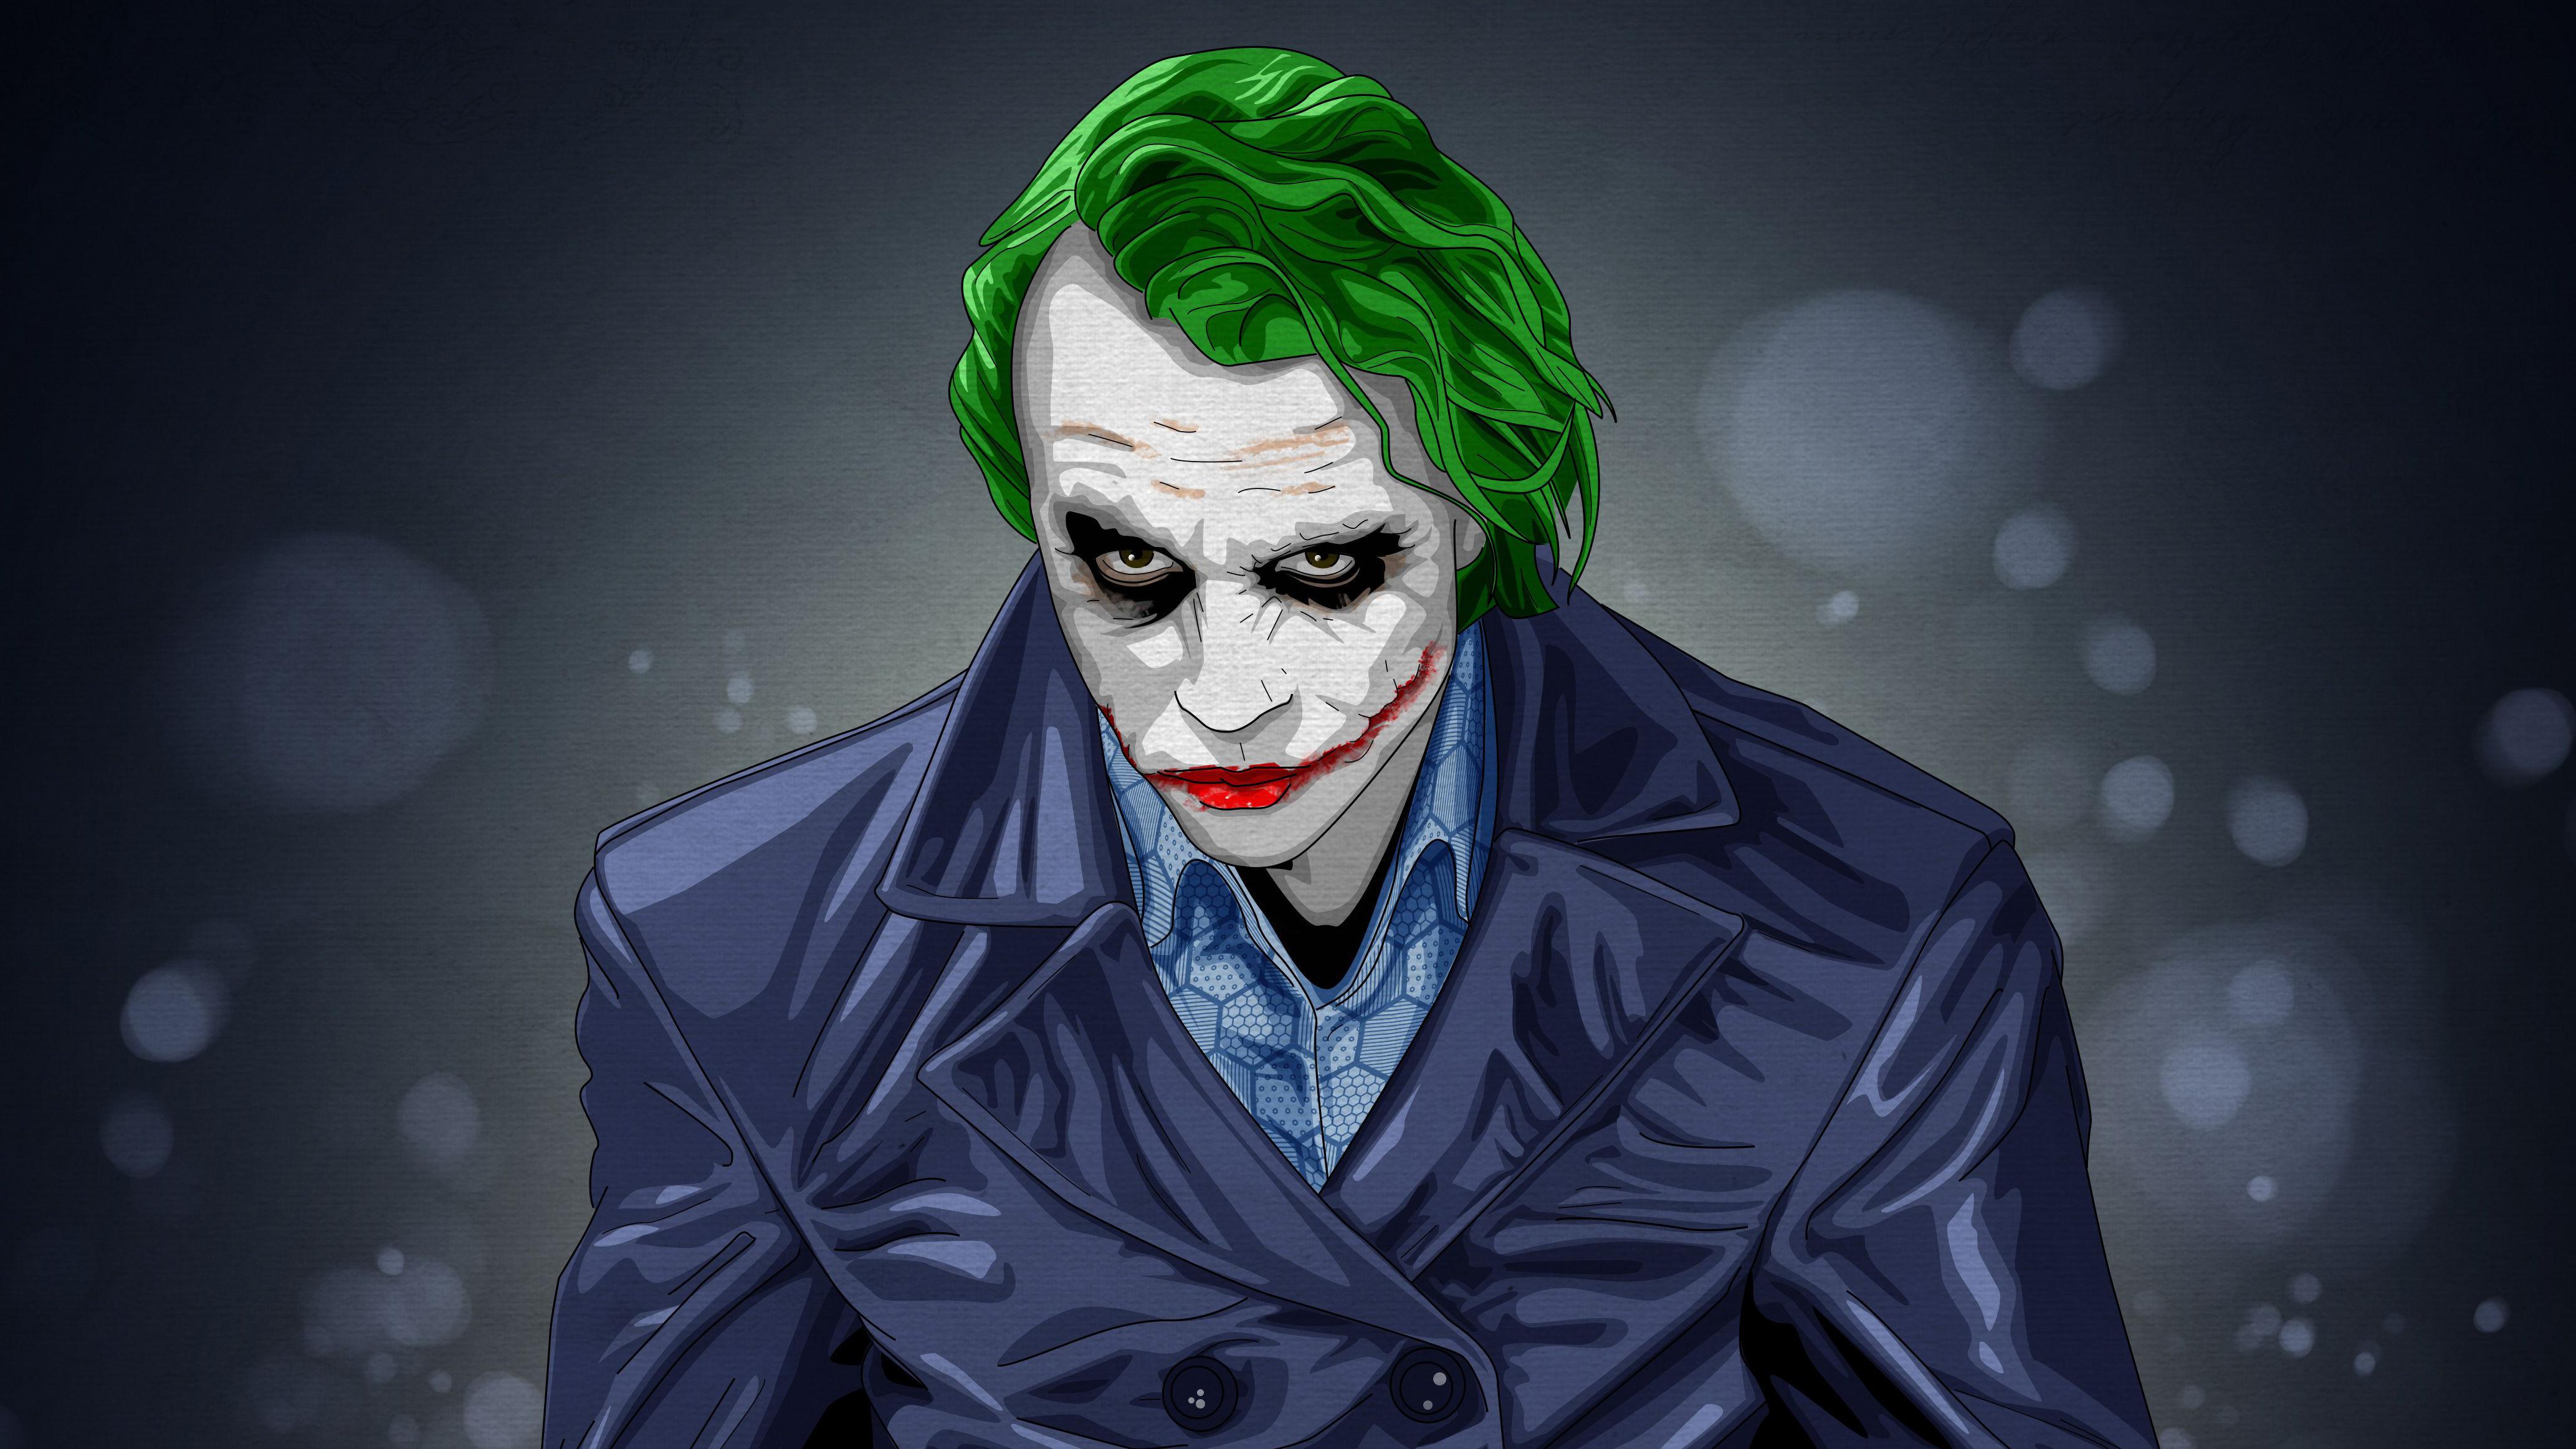 3840x2400 joker artwork 4k 4k hd 4k wallpapers images for Joker wallpaper 4k